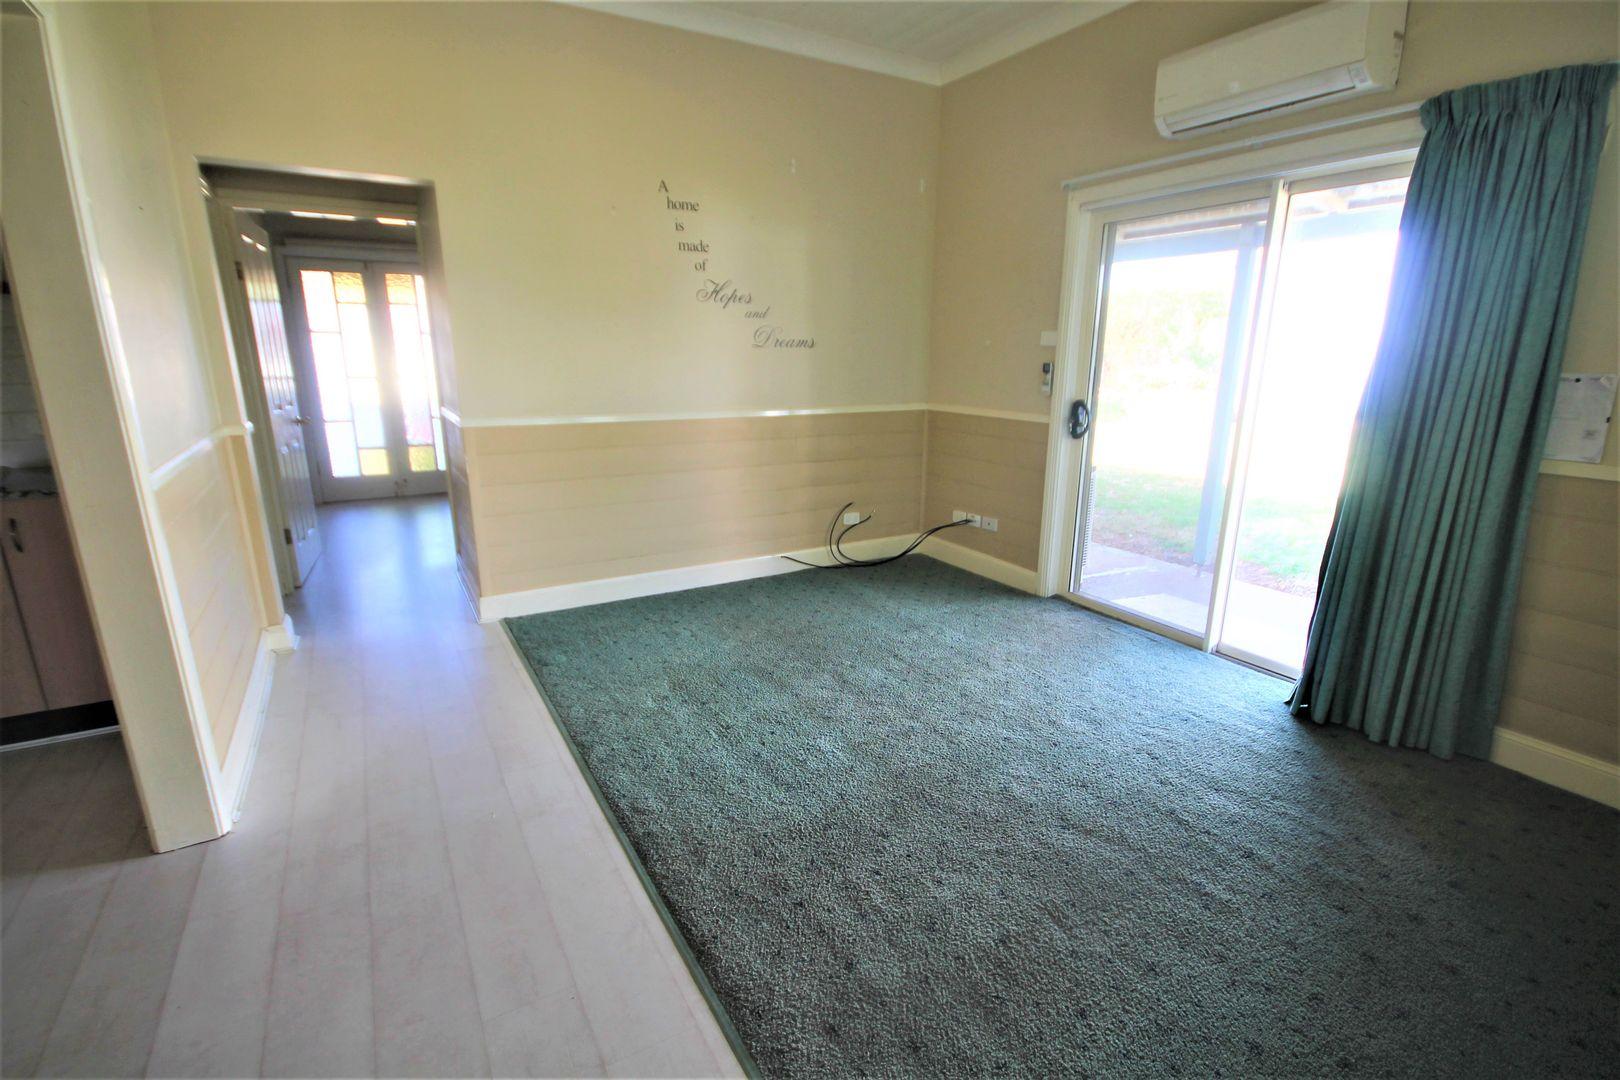 101 Binalong Street, Harden NSW 2587, Image 2